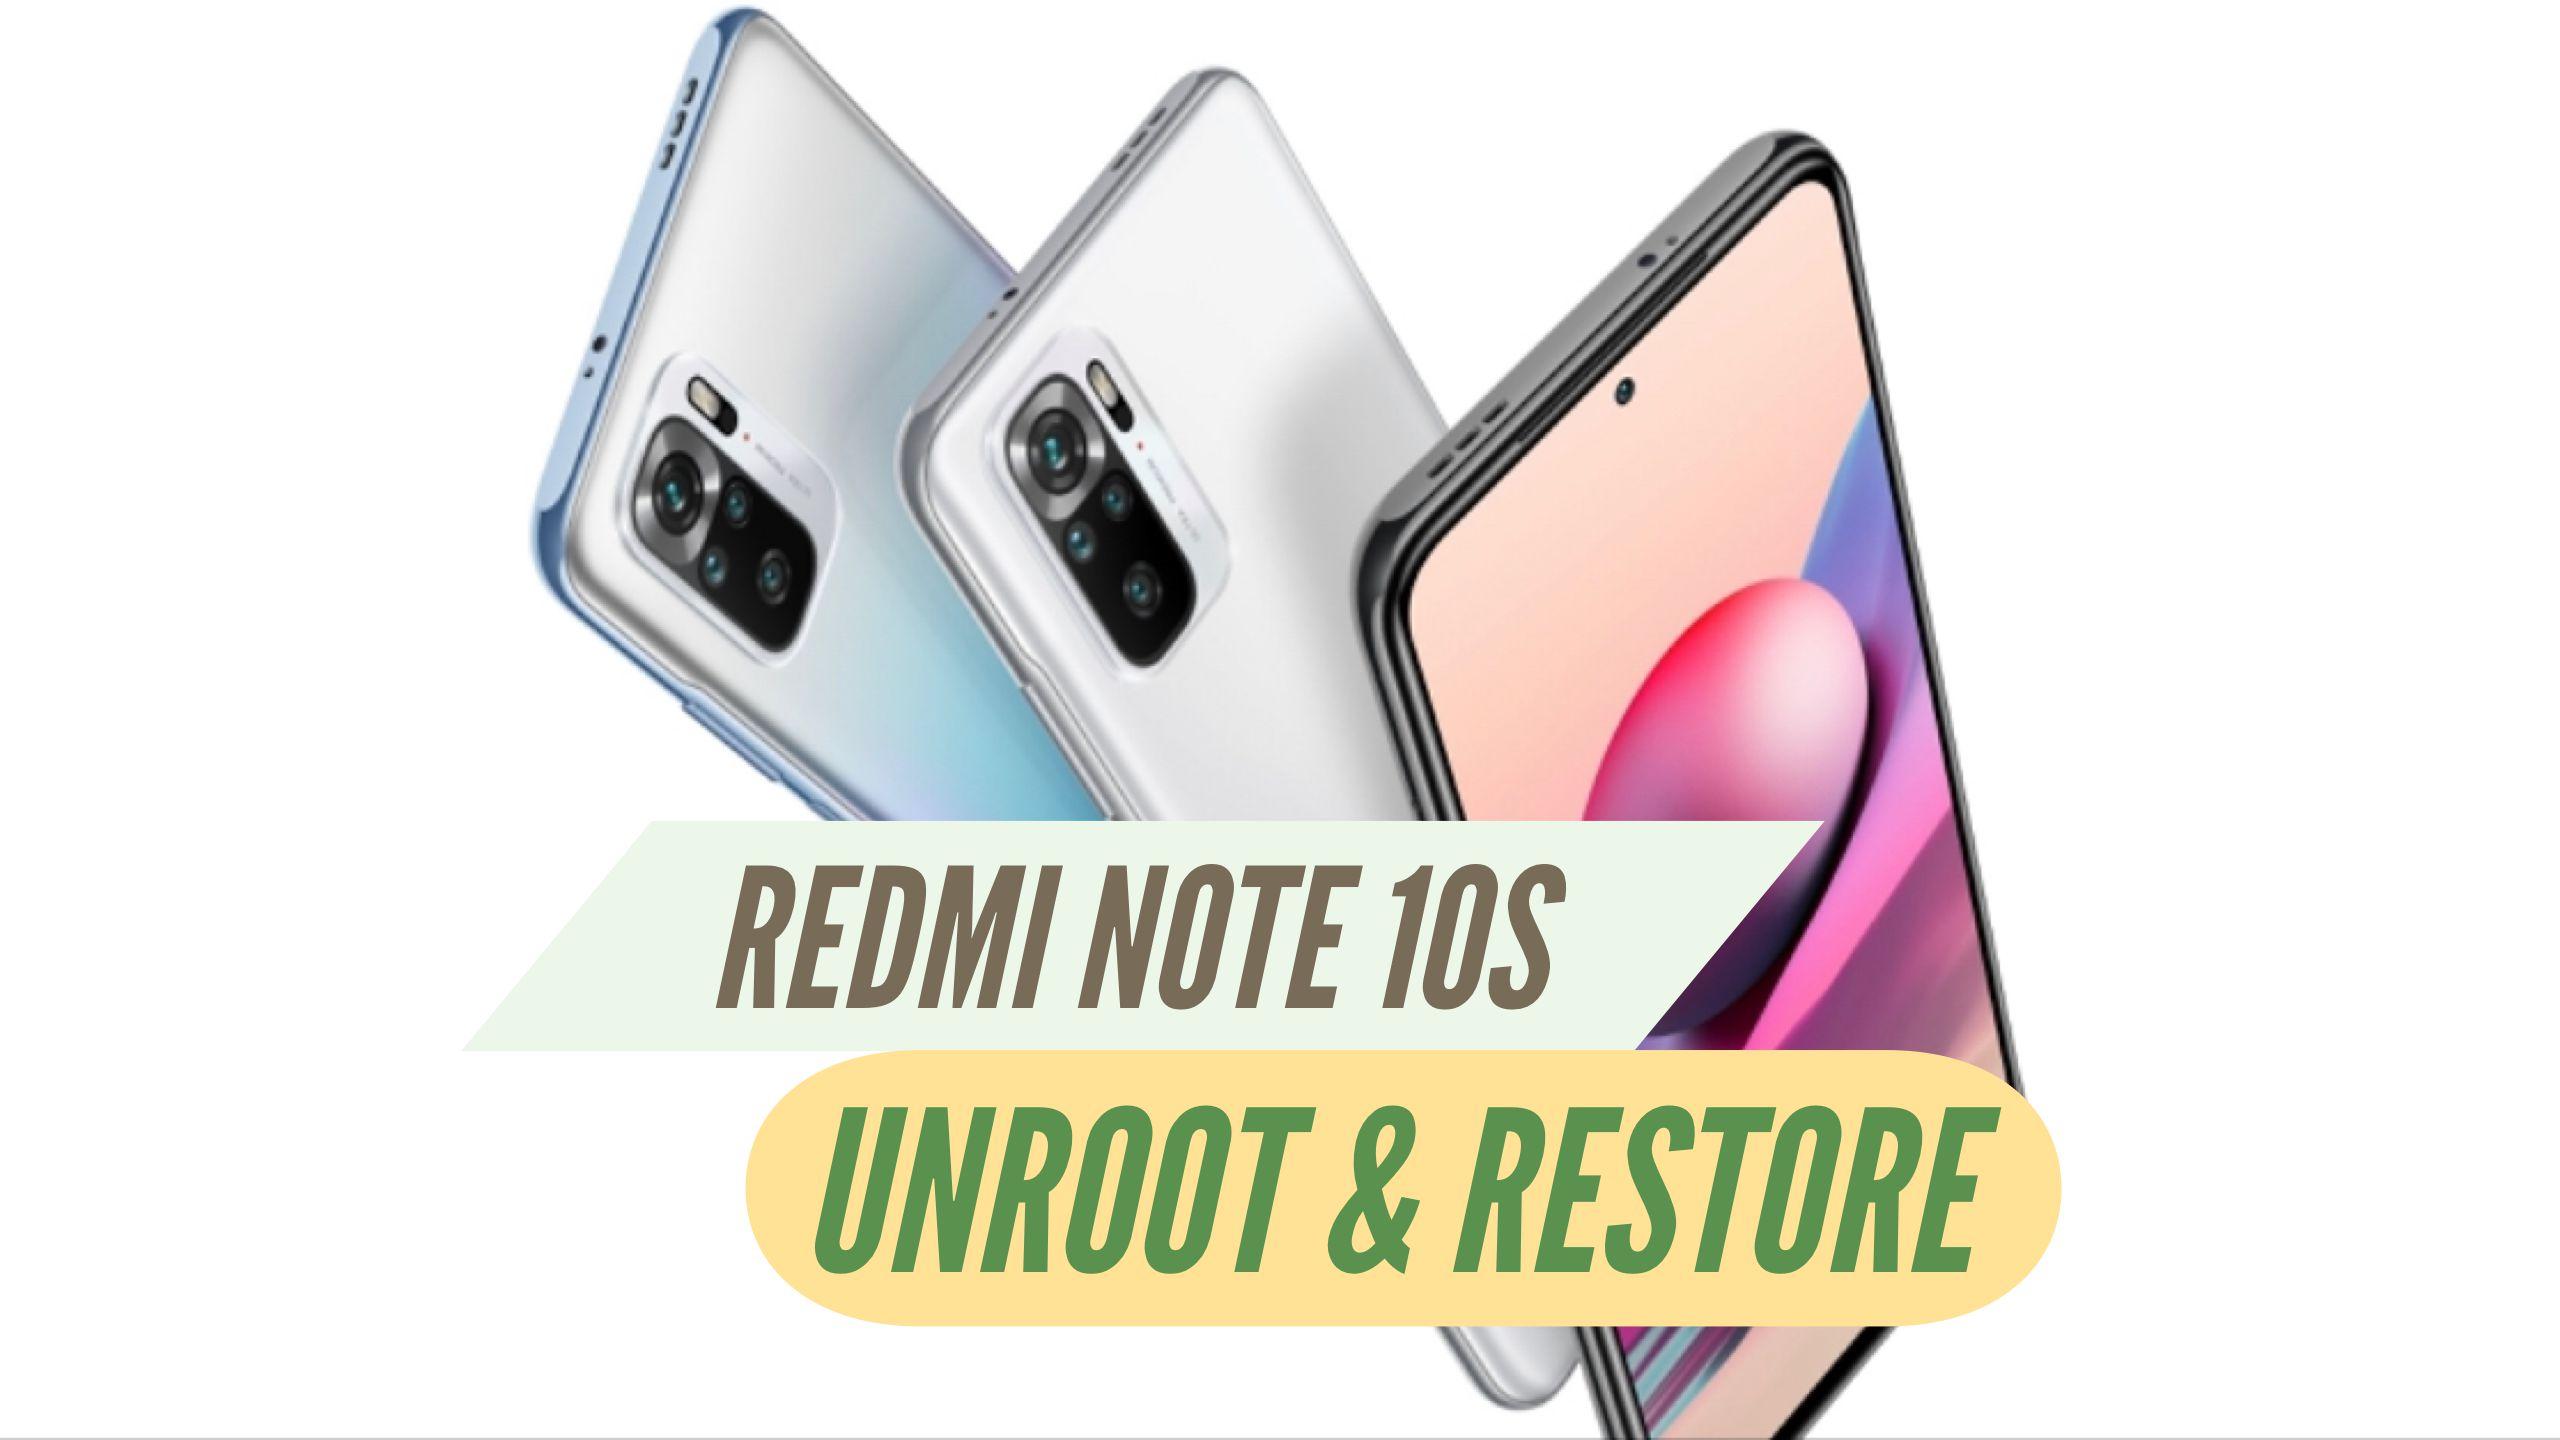 Unroot Redmi Note 10S Restore